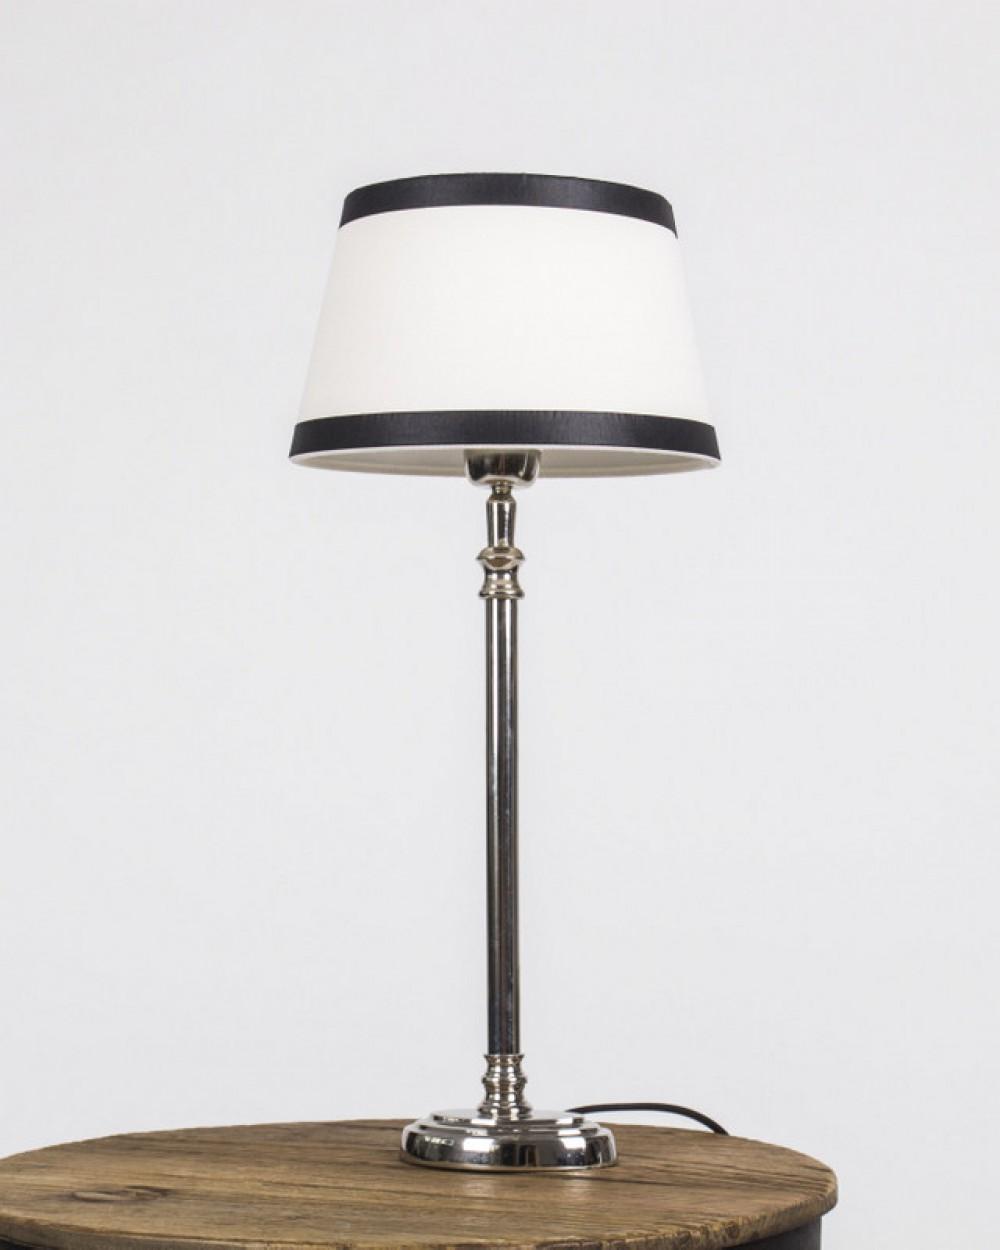 tischleuchte mit lampenschirm wei schwarz tischlampe verchromt h he 40 cm. Black Bedroom Furniture Sets. Home Design Ideas